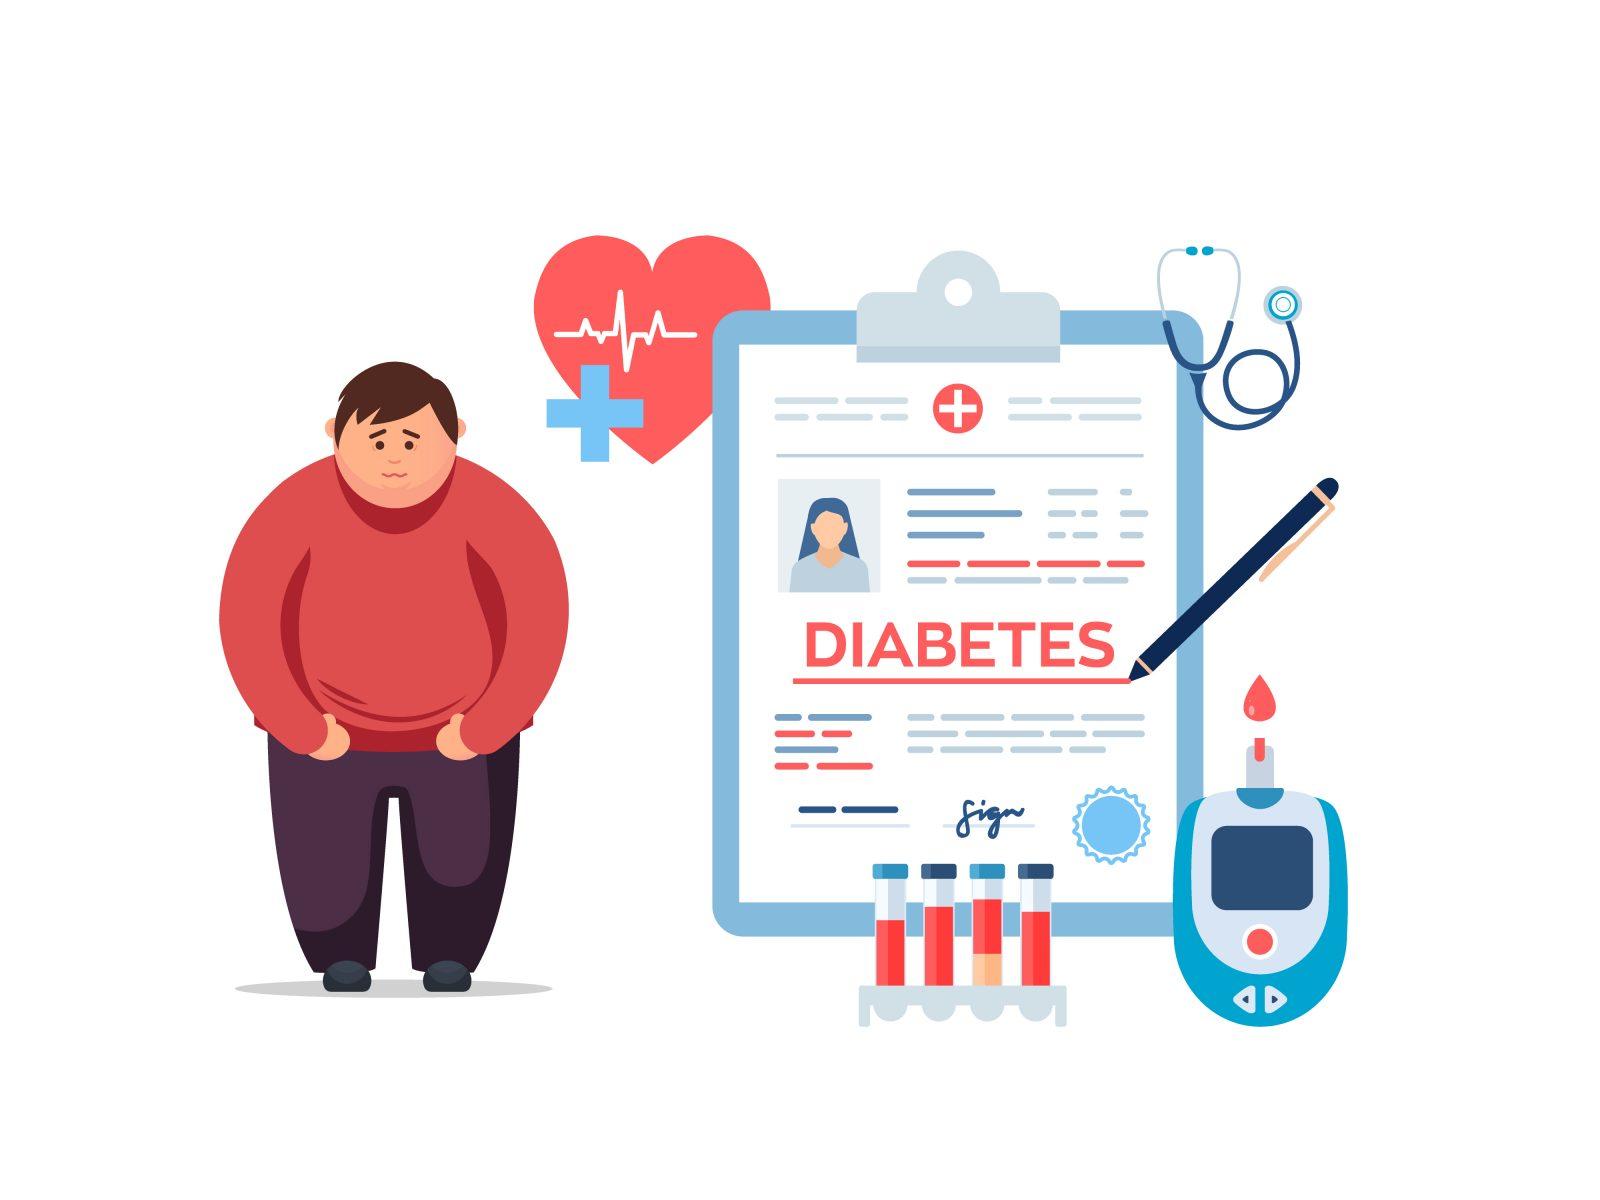 สถานการณ์โรคเบาหวานชนิดที่ 2 ในเด็กไทย และแนวทางการรักษา